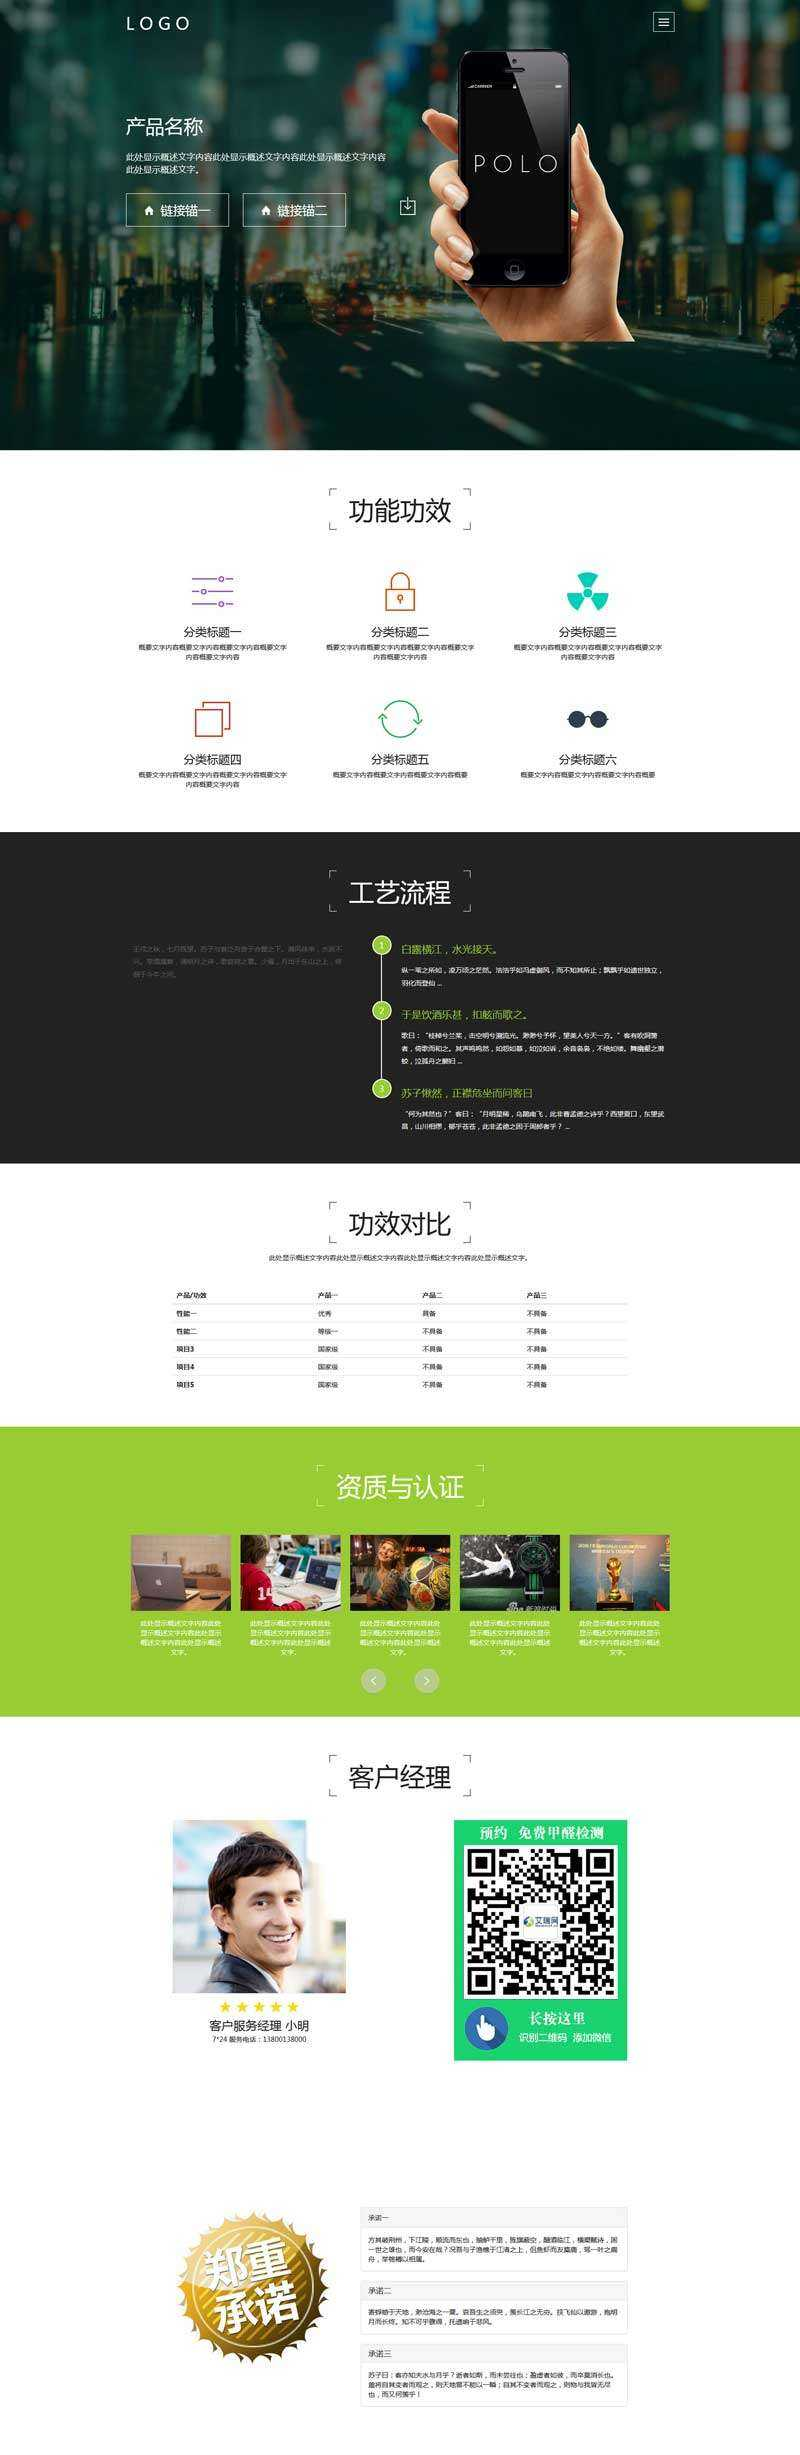 多用途的产品介绍展示网页模板